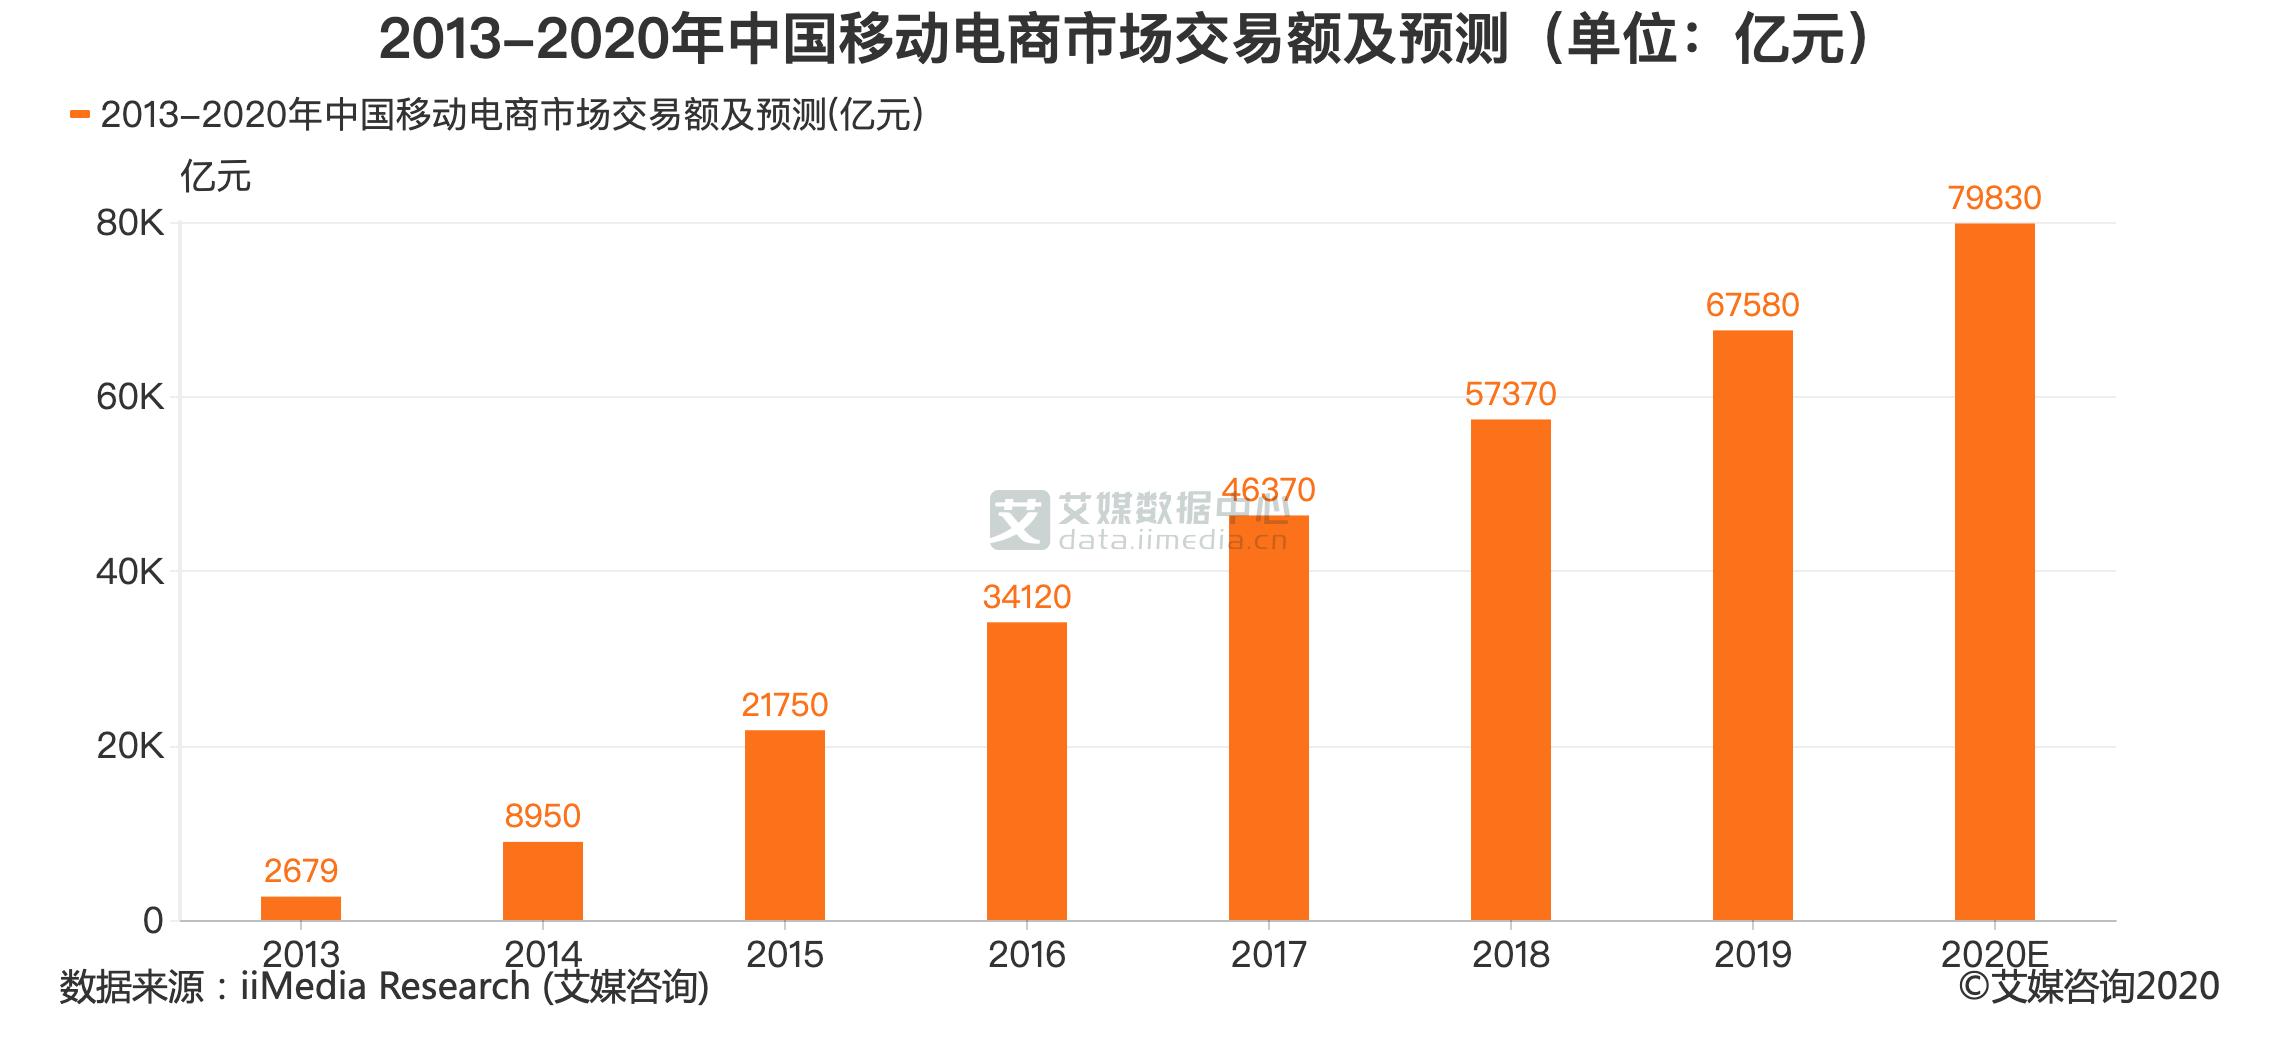 2013-2020年中国移动电商市场交易额及预测(单位:亿元)